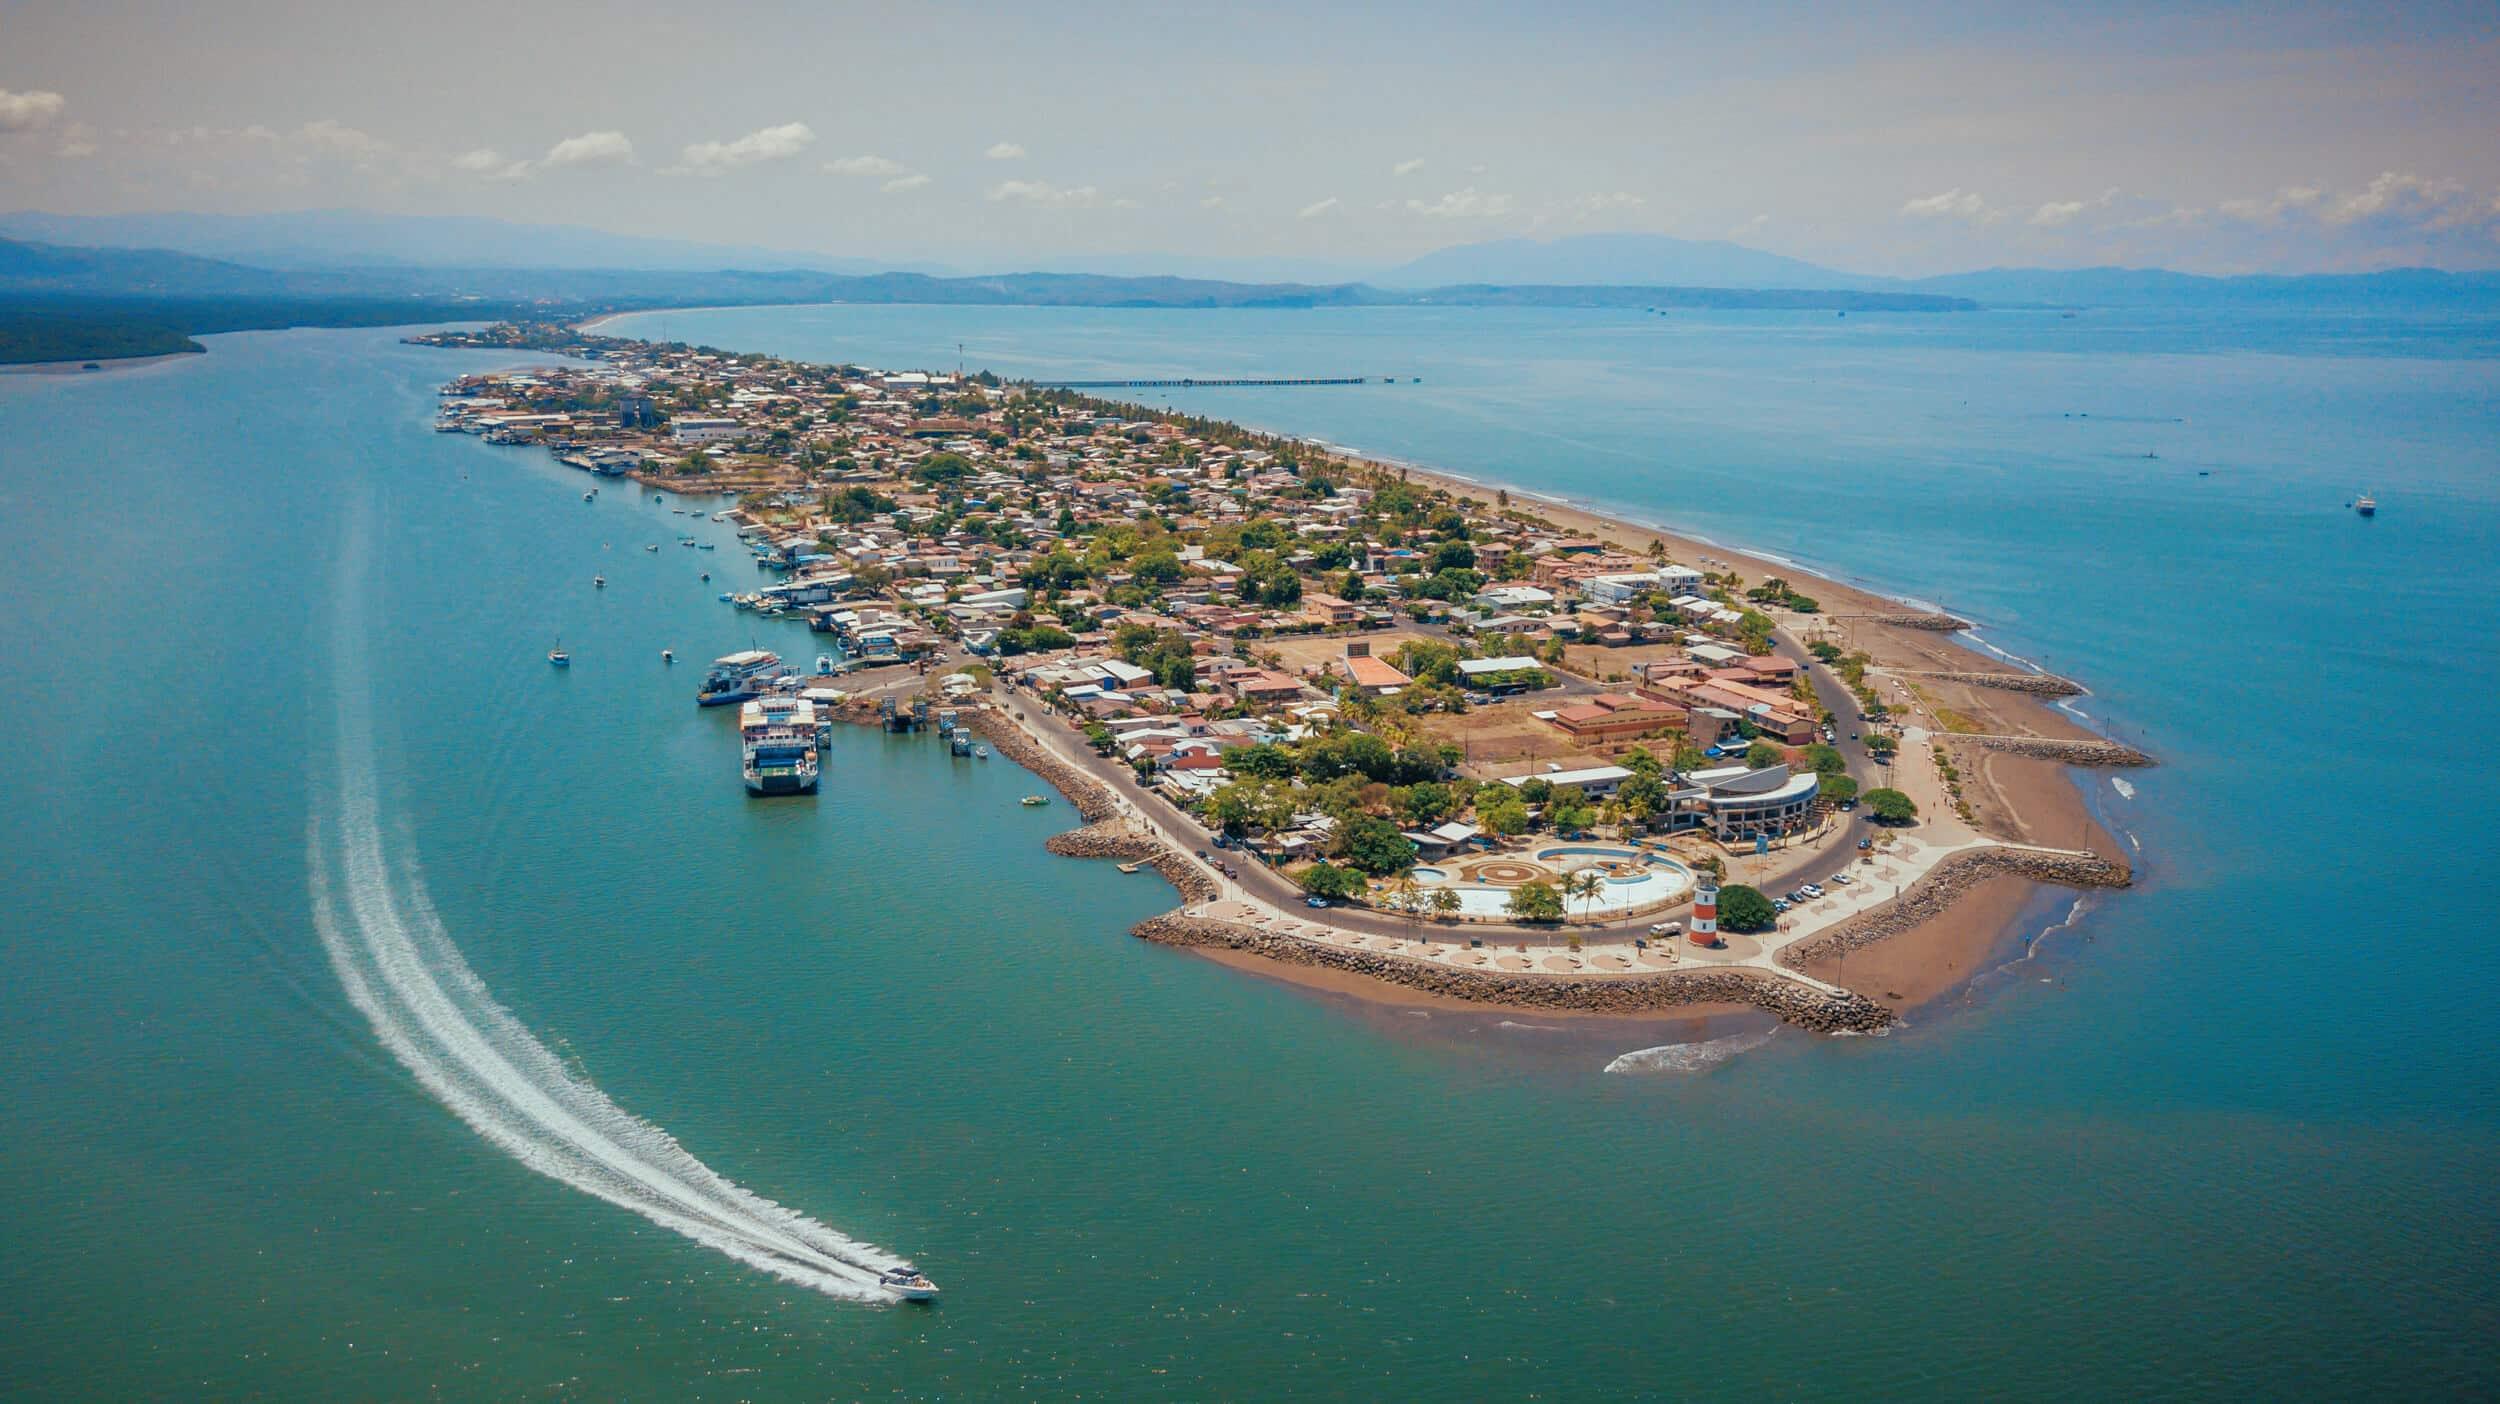 Ciudad de Puntarenas